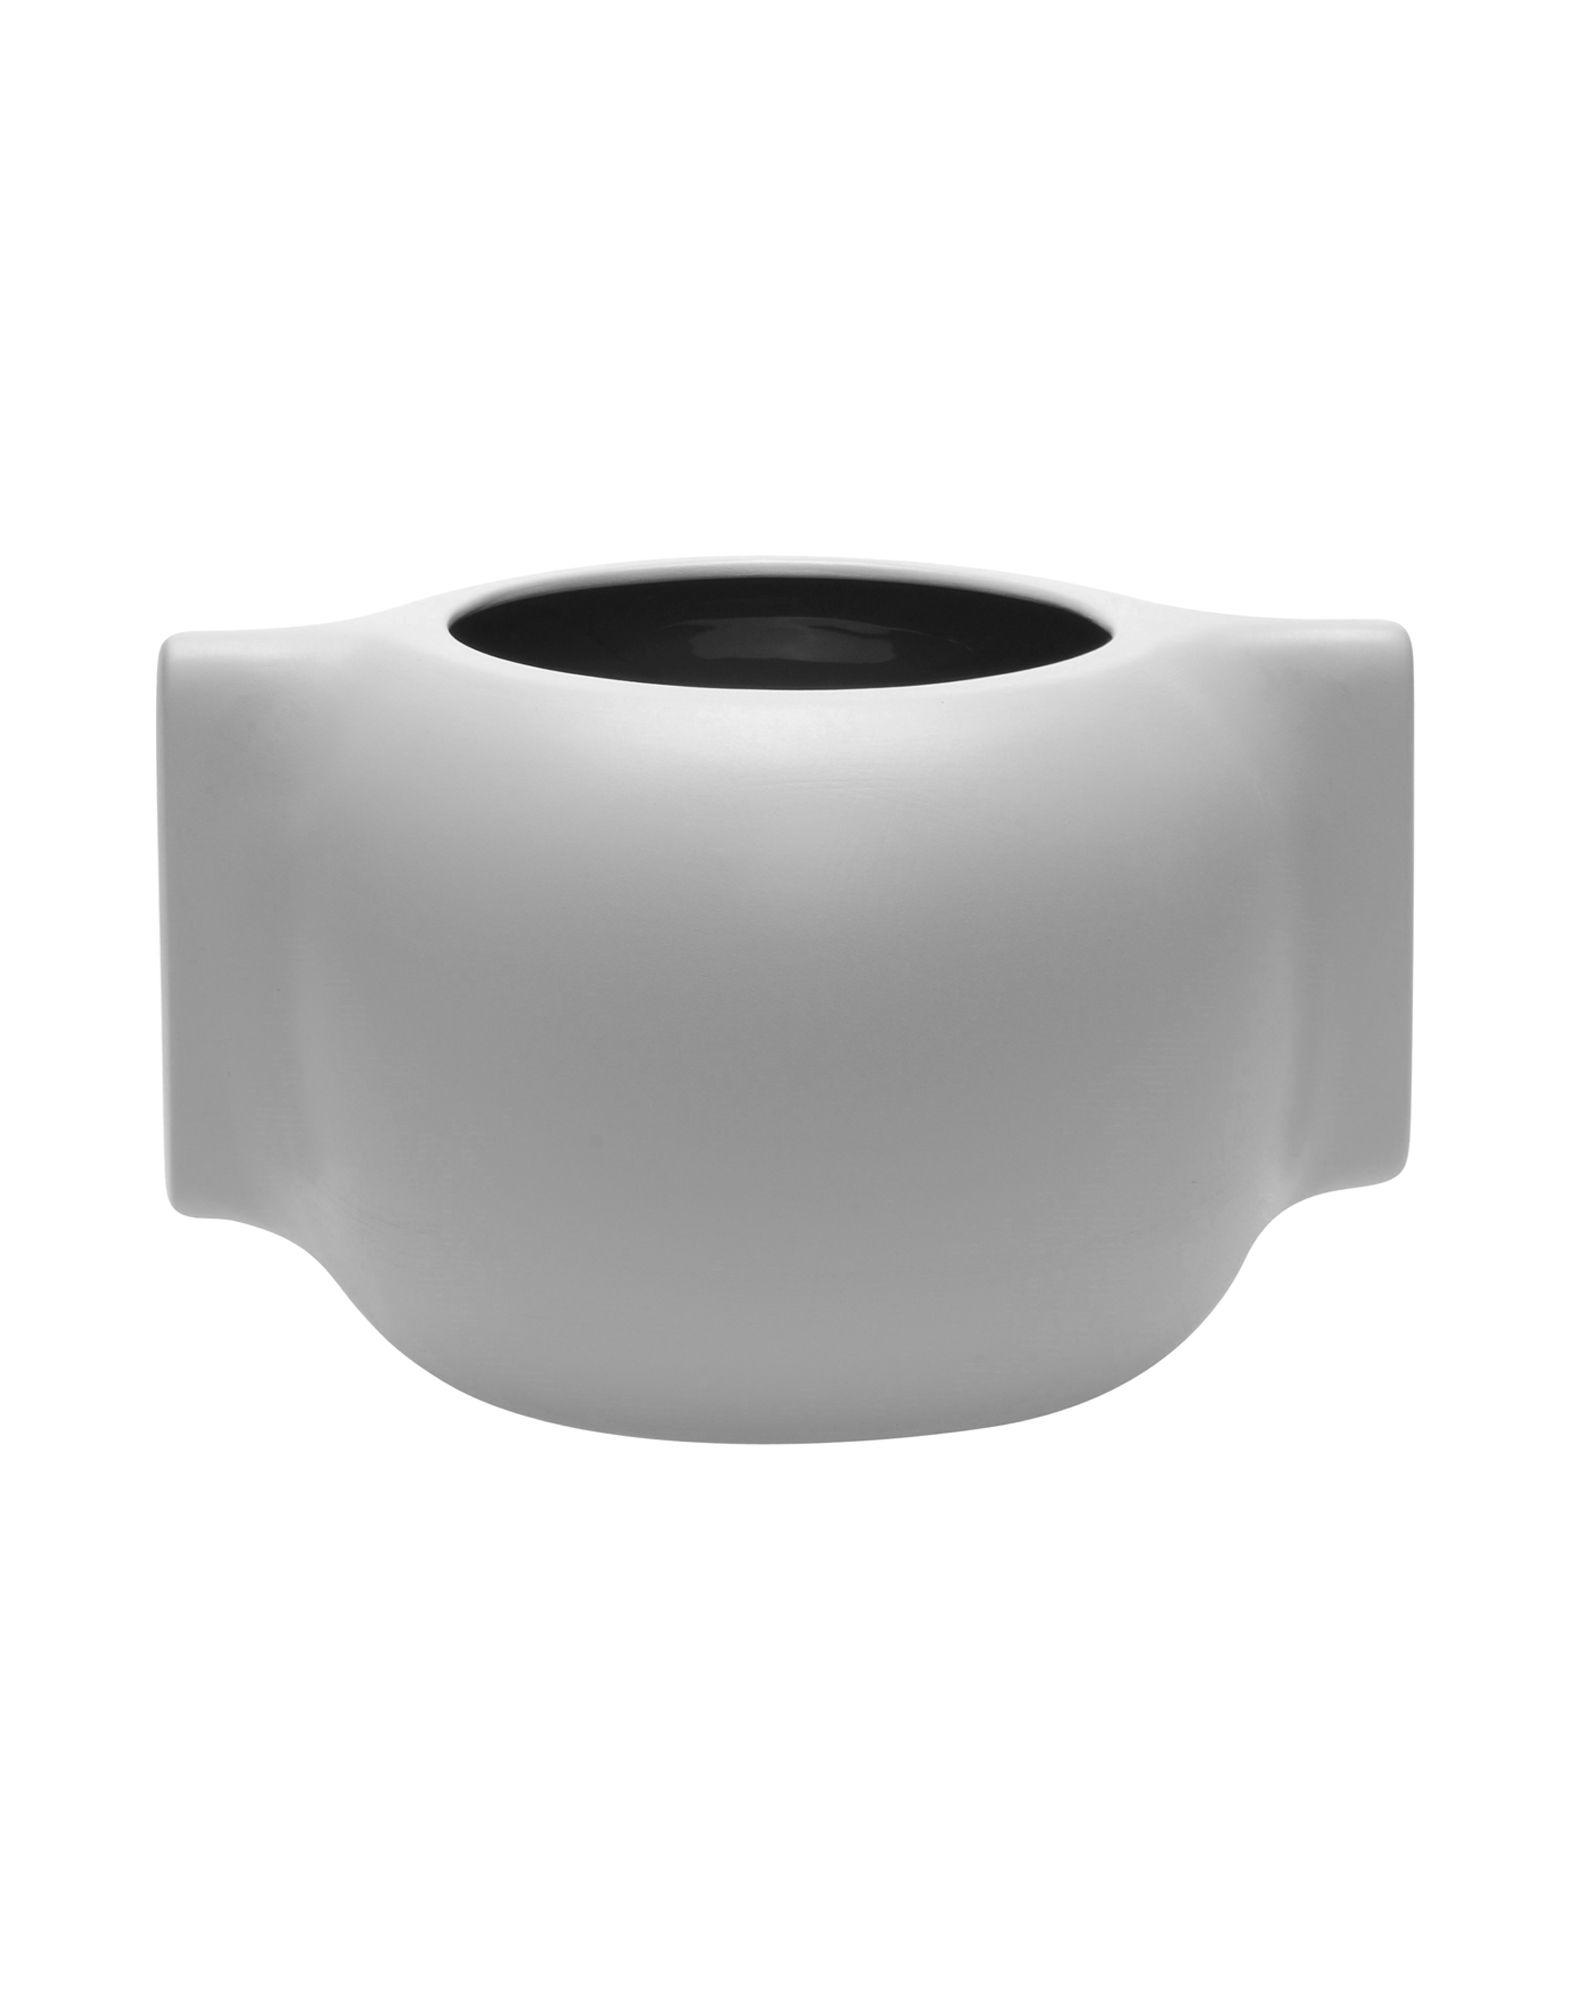 《送料無料》INCIPIT Unisex ベース ライトグレー セラミック・グレス Moai